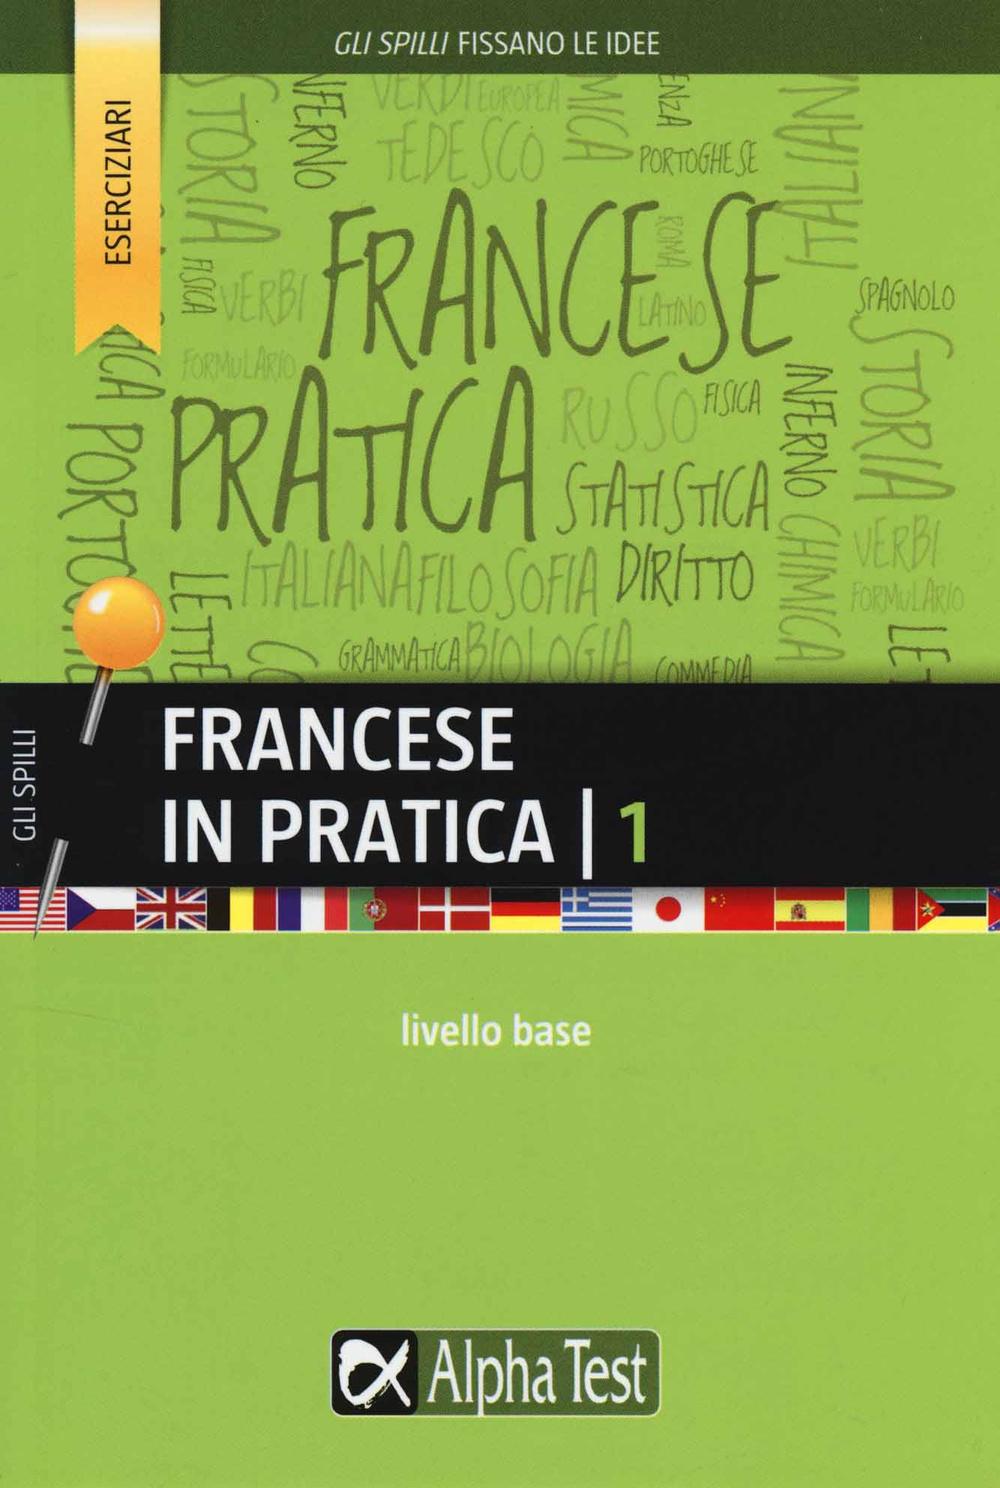 Francese in pratica. Vol. 1